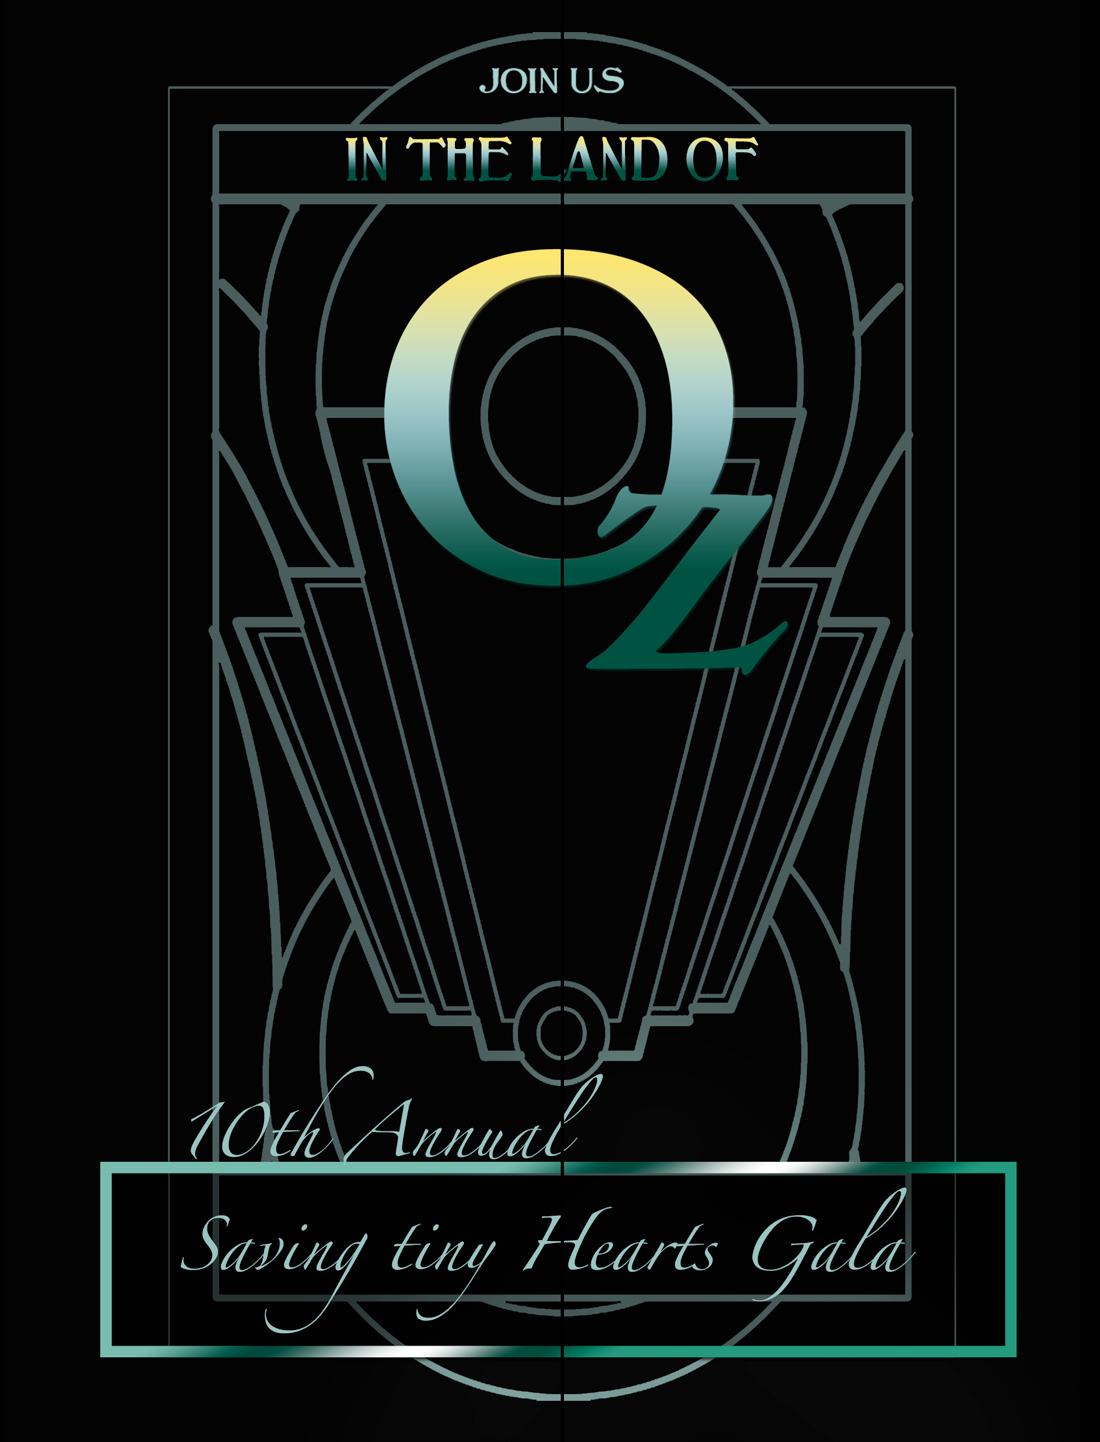 Saving tiny Hearts Annual Gala Invitation